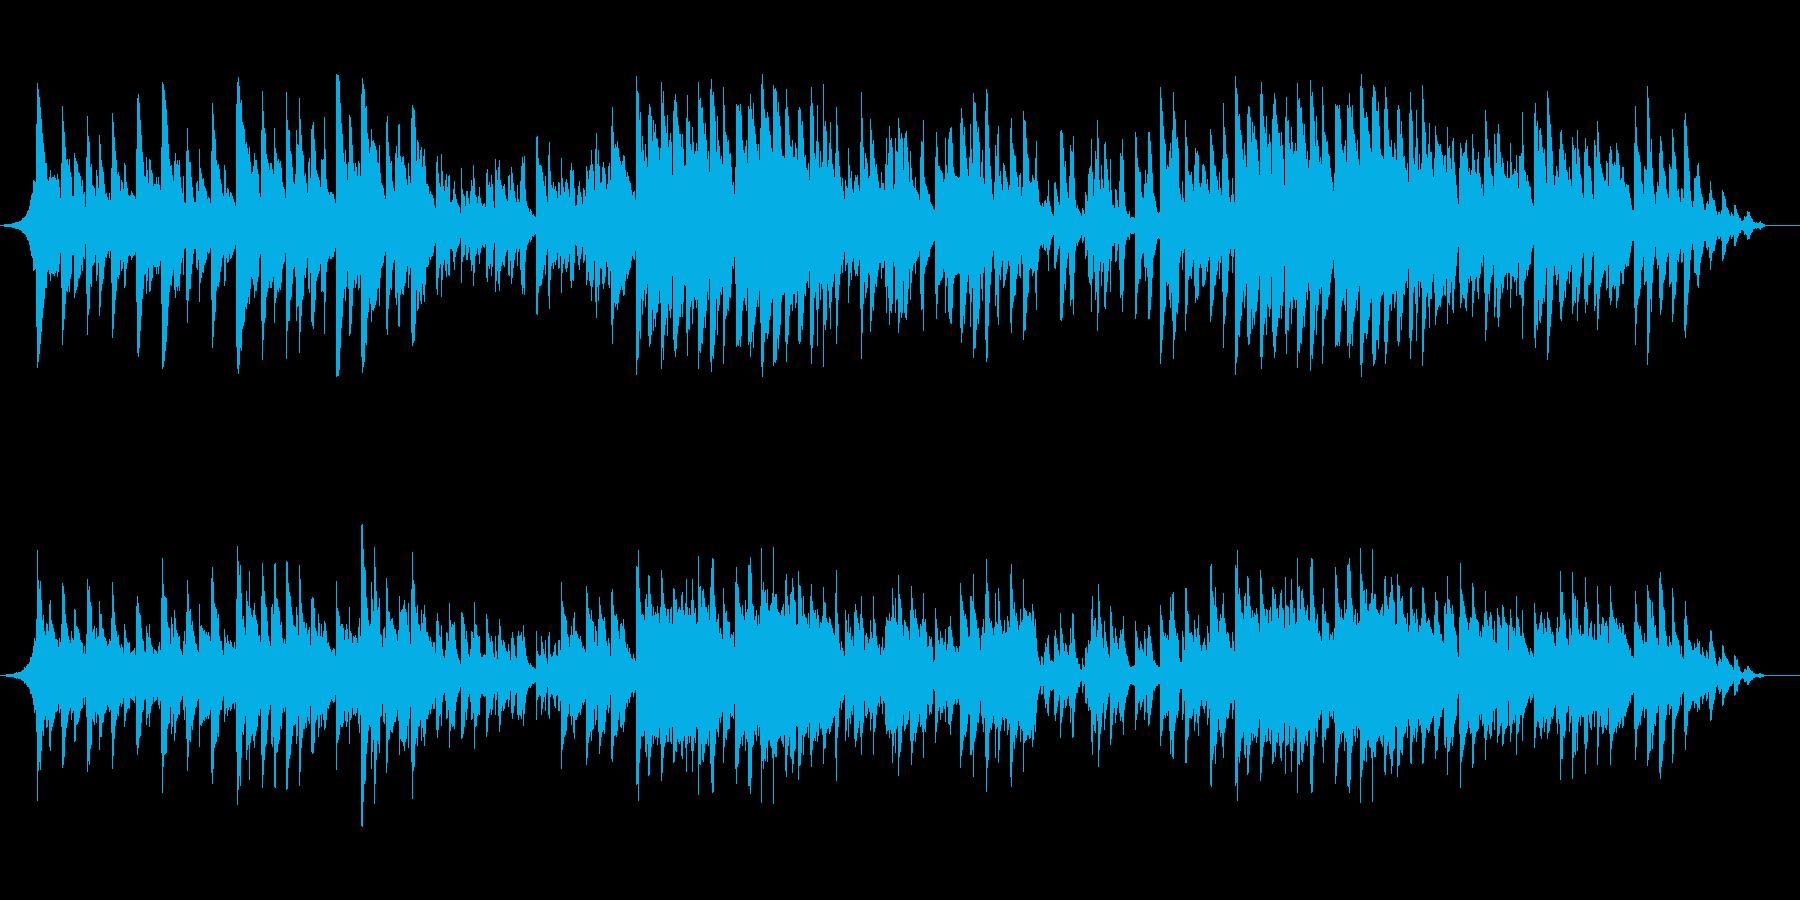 ピアノ弾き語り系で爽やかな曲の再生済みの波形